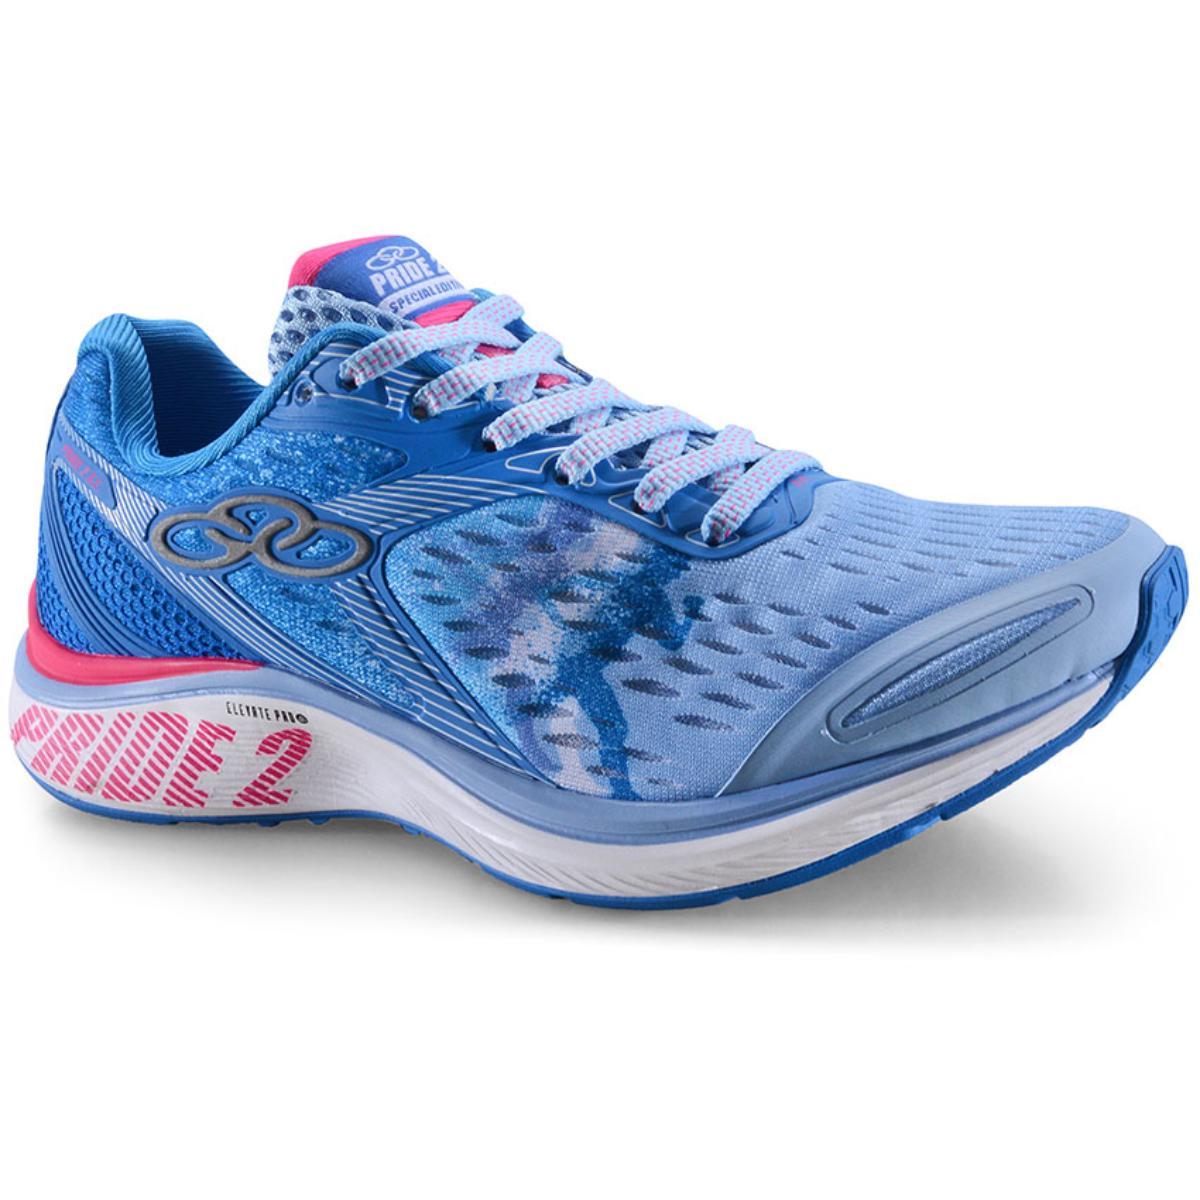 Tênis Feminino Olympikus Pride 2 597 Blue/pink